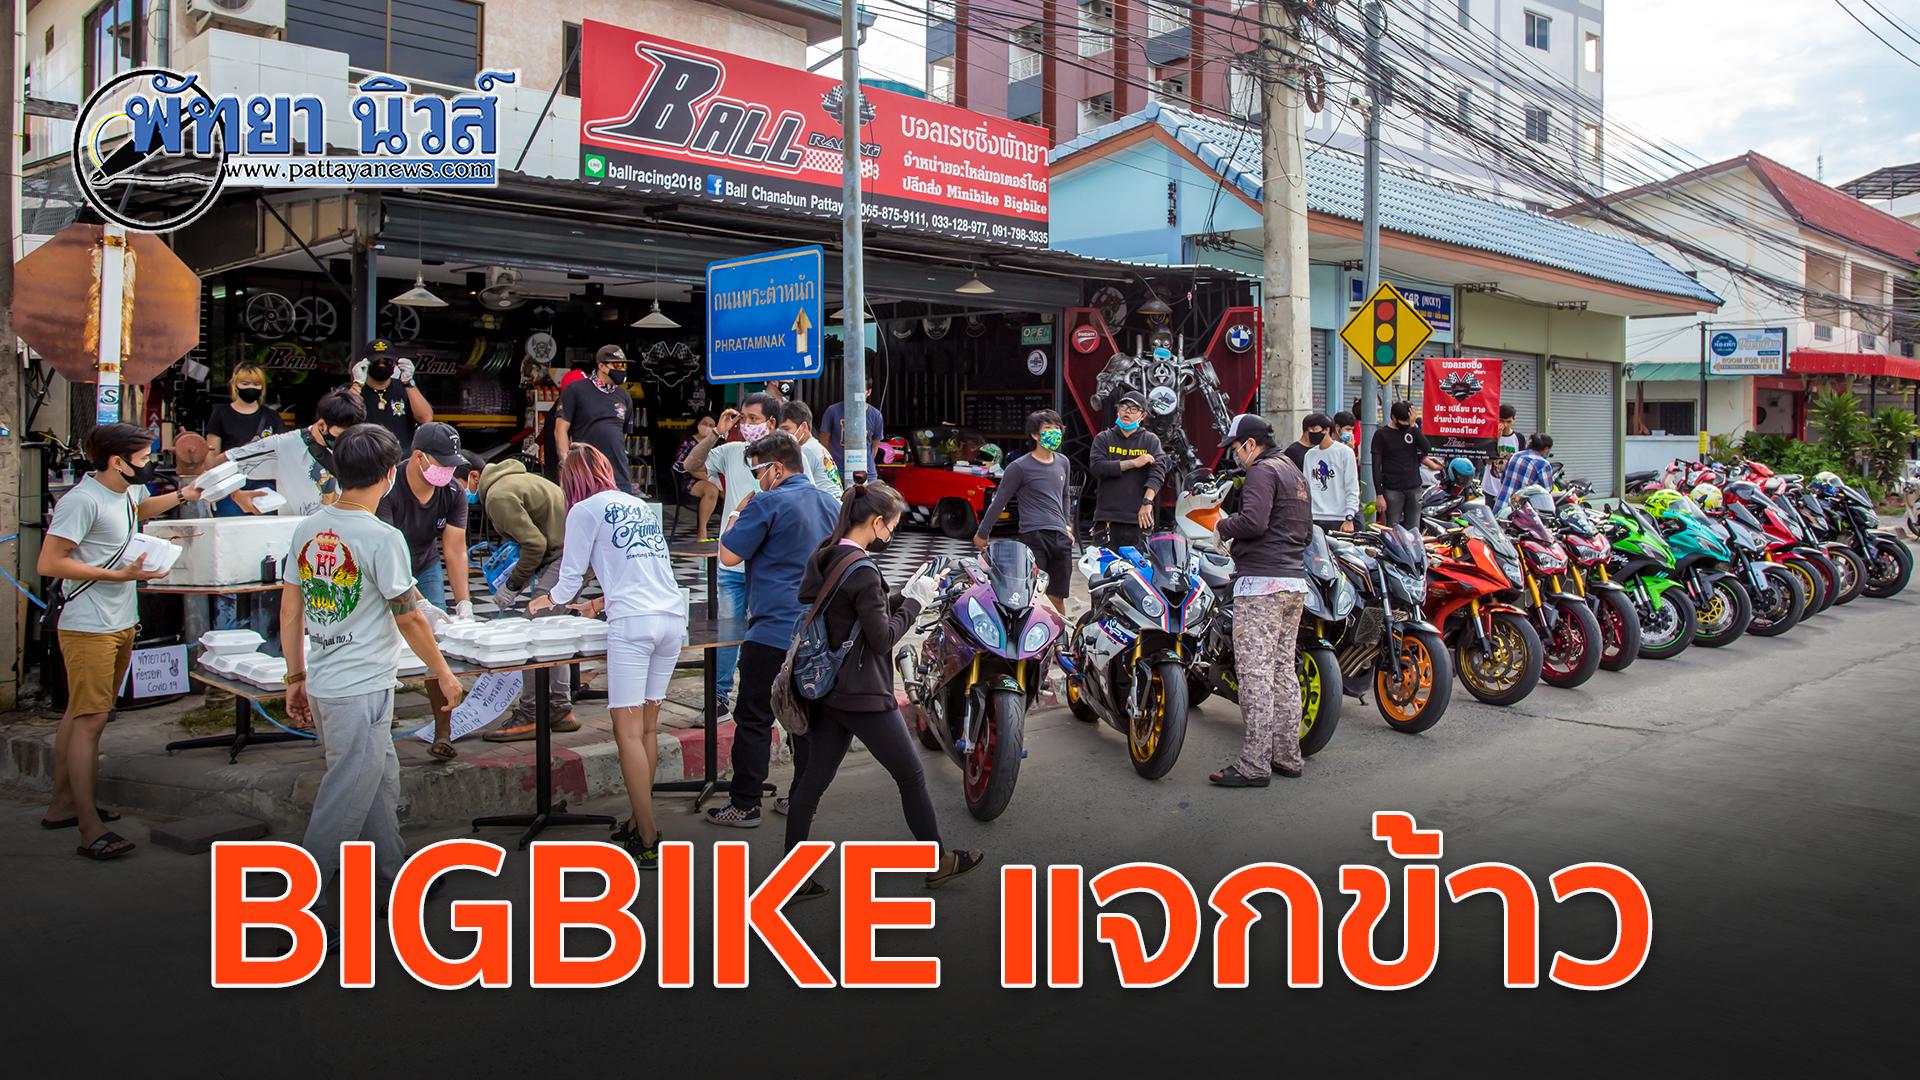 กลุ่ม Big Bike พัทยา ทำข้าวกล่องแจกจ่ายให้ประชาชนที่ตกงานและได้รับผลกระทบโควิด 19